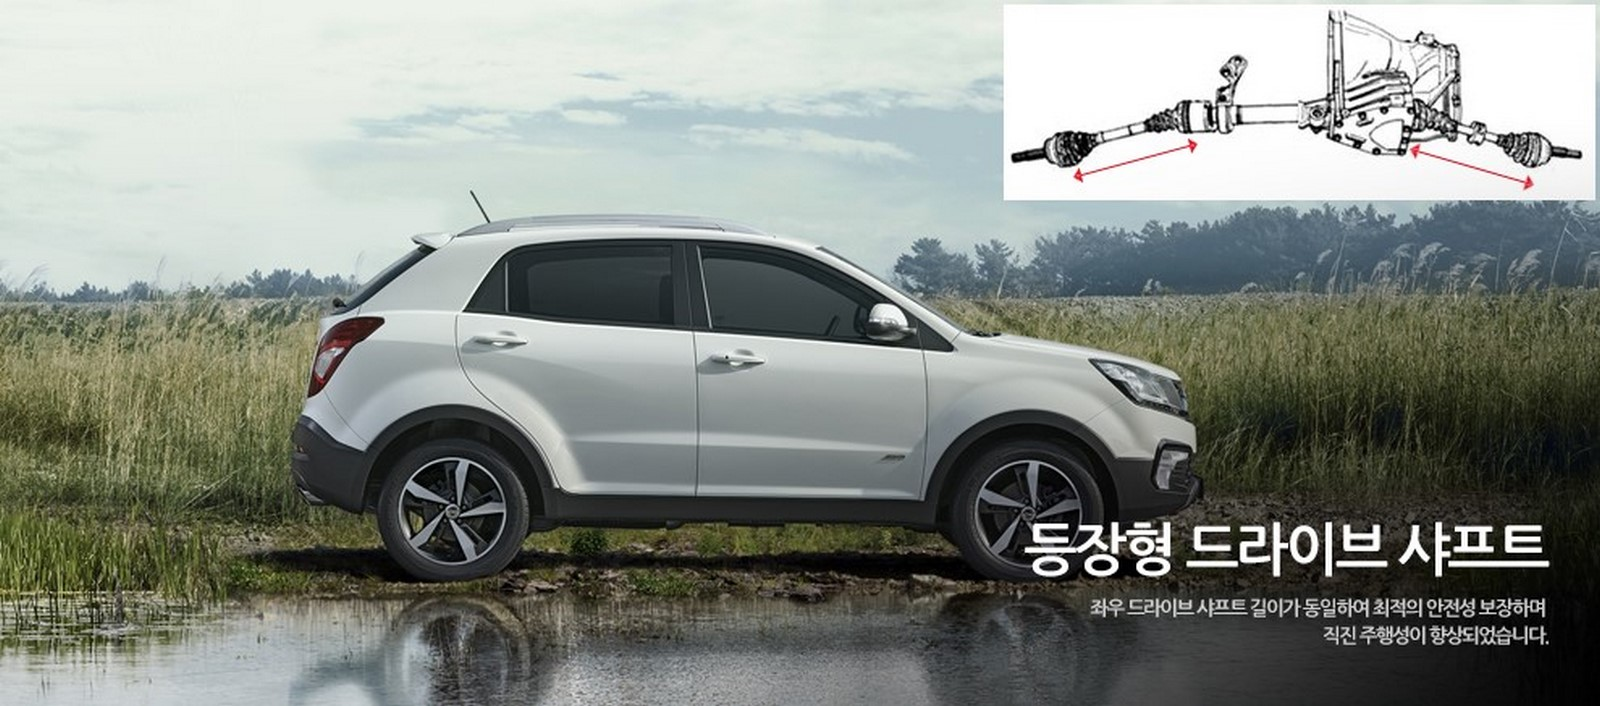 Ssangyong Korando facelift 2017 korea-2